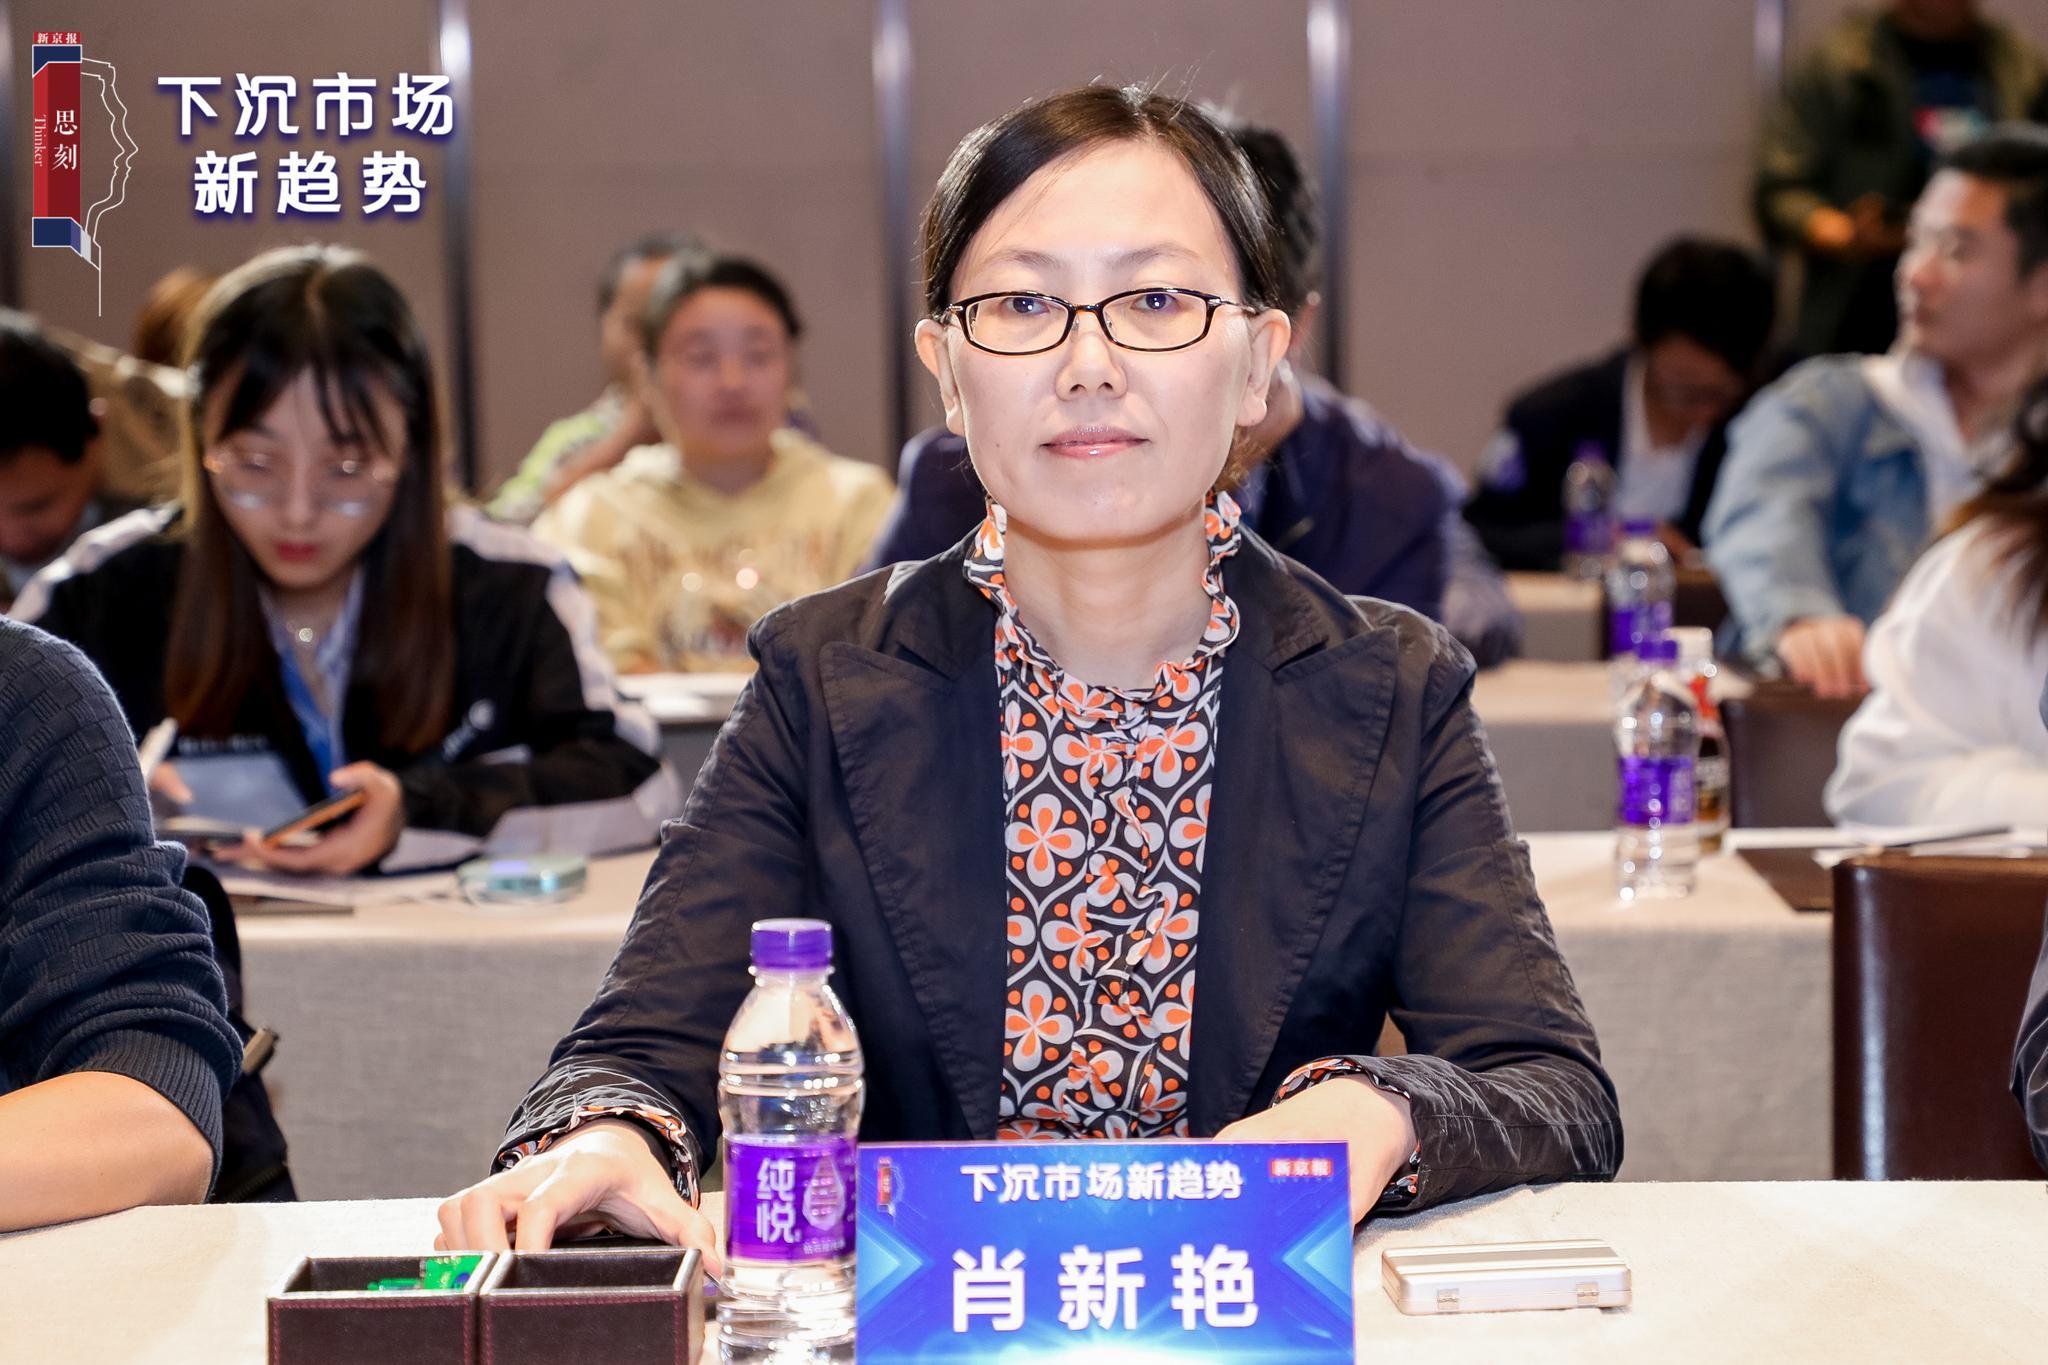 商务部研究院肖新艳:下沉市场快速增长态势会持续